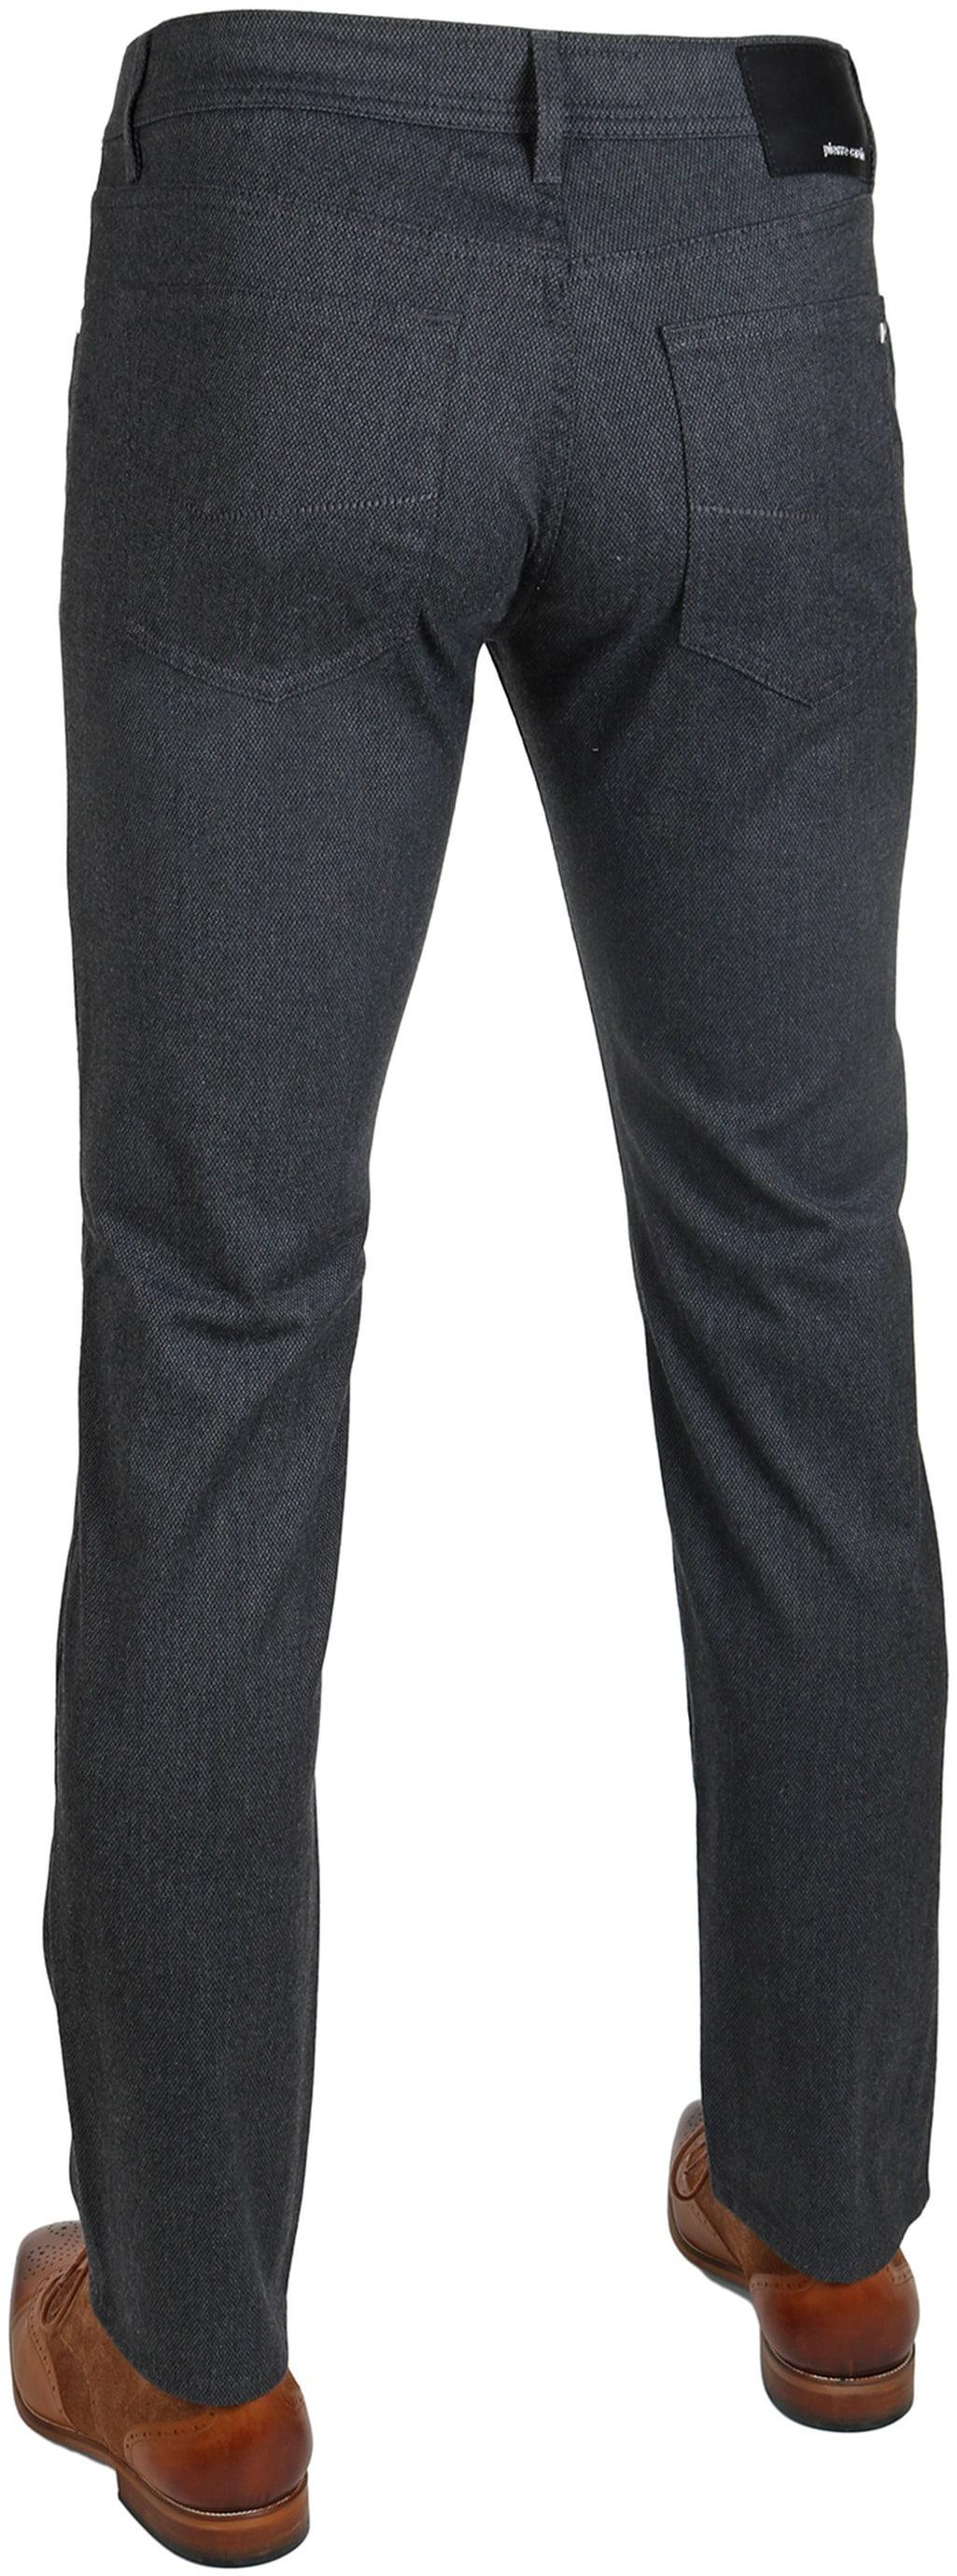 Pierre Cardin Lyon Jeans Antraciet foto 1